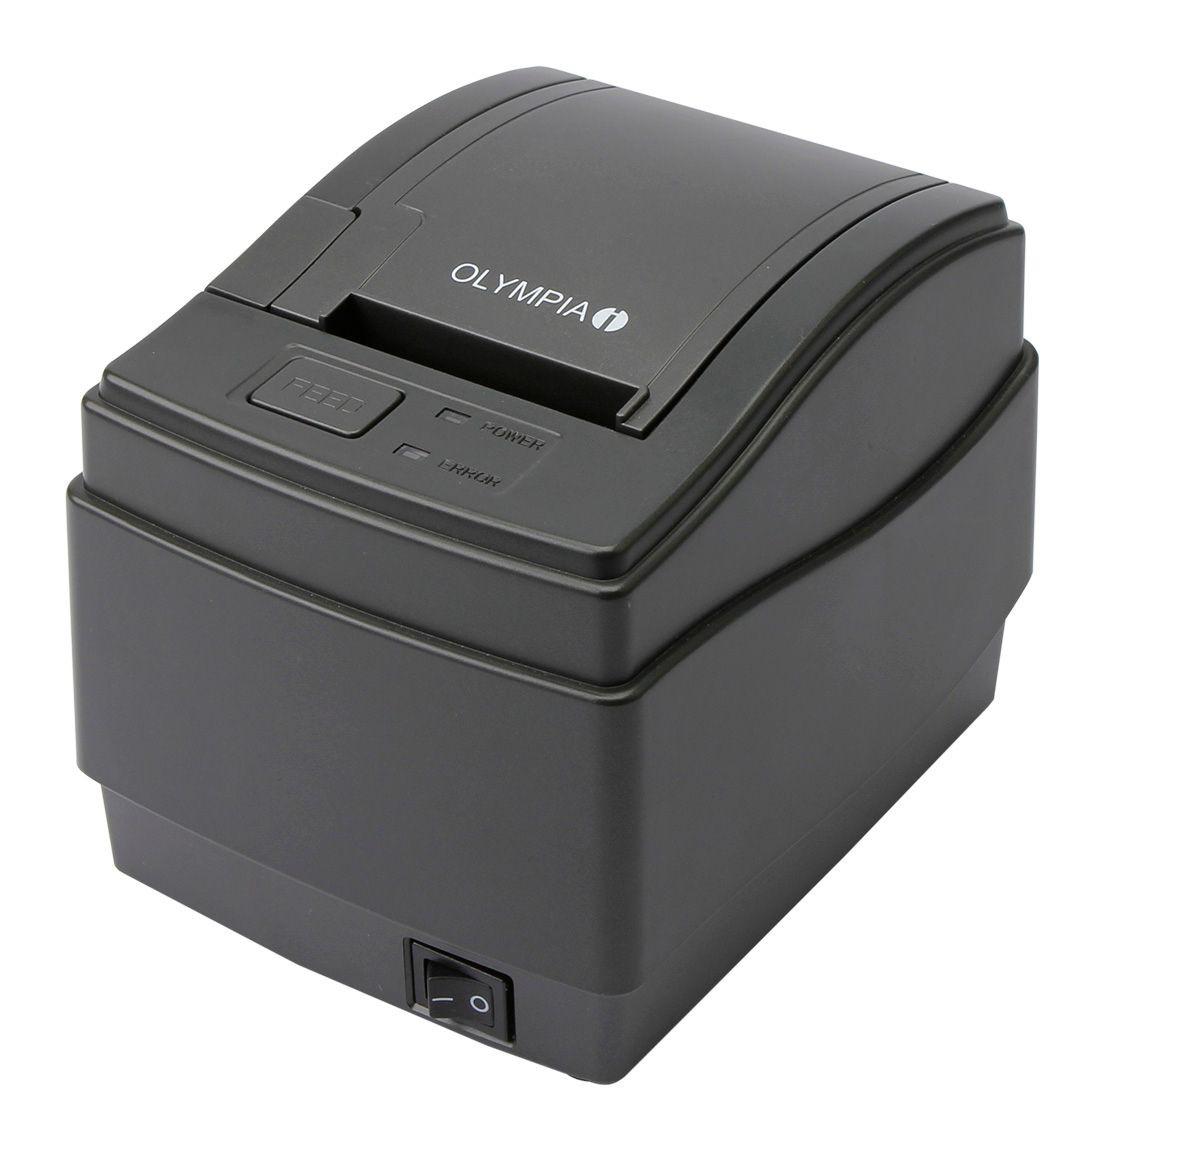 OLYMPIA KPR 58 Thermo-Küchendrucker für OLYMPIA Registrierkassen, 58 mm, Anthrazit